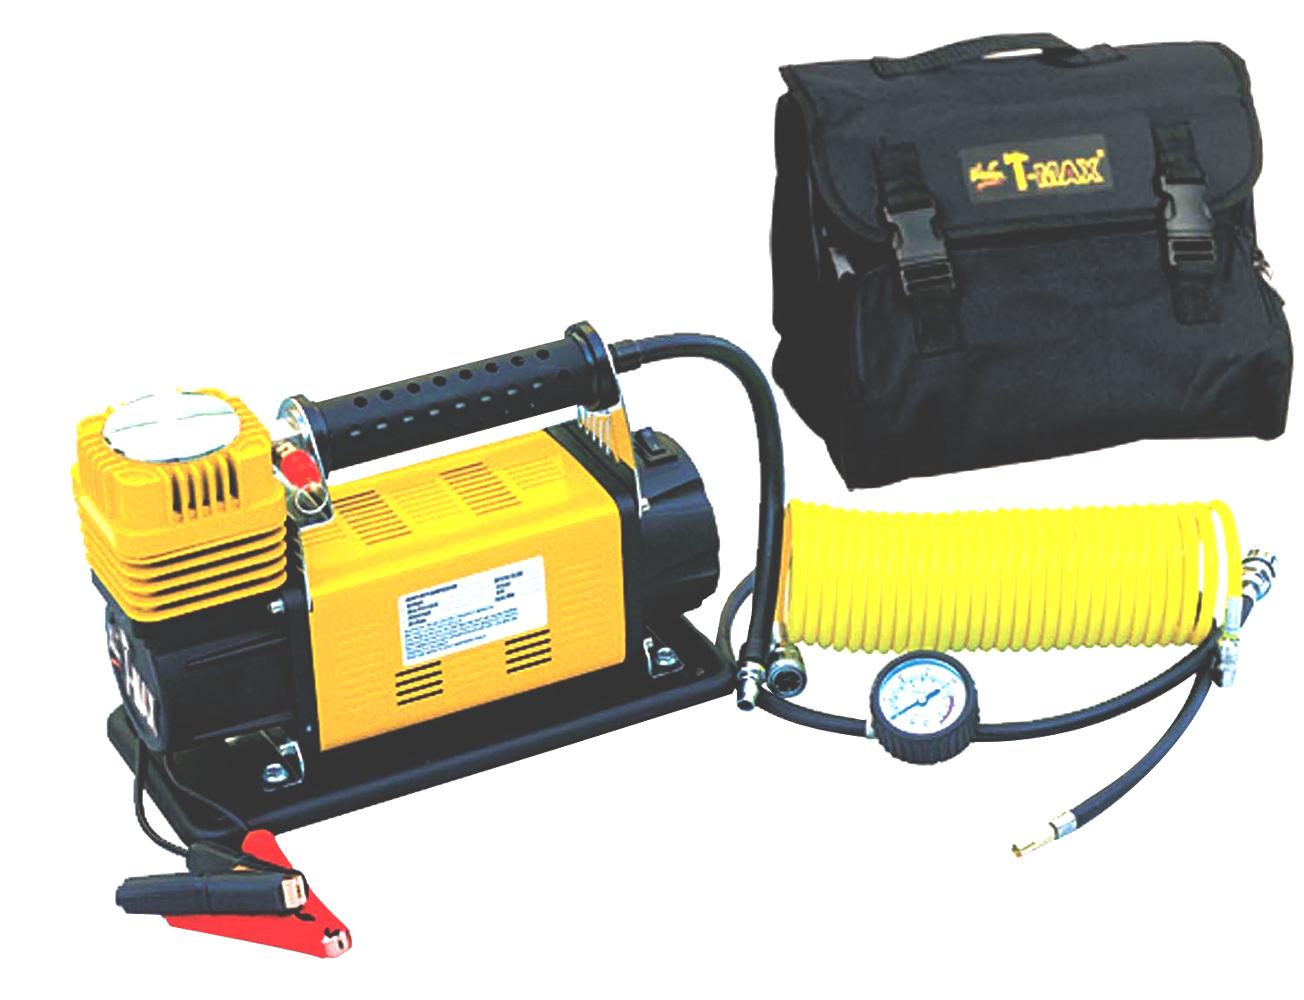 T Max Portable Compressor Tmax Portable Air Compressors